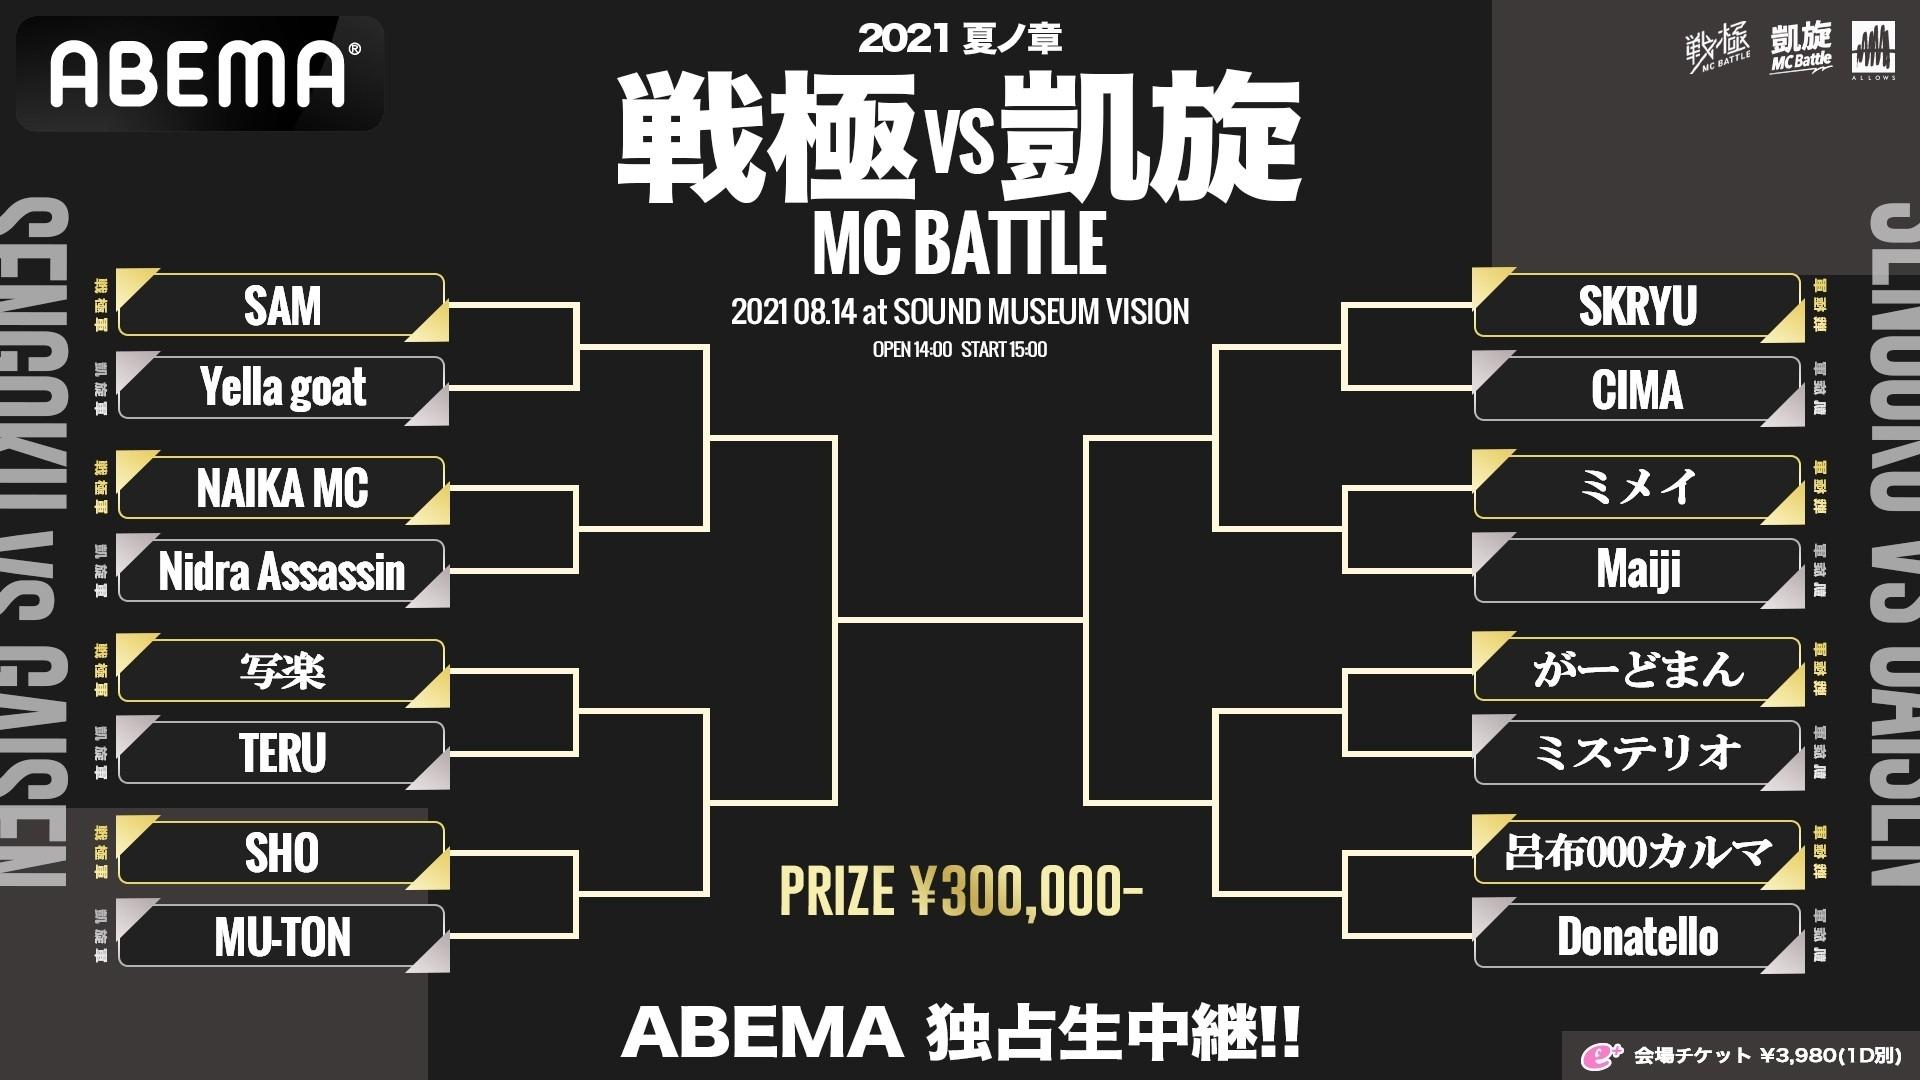 8/14 戦極vs凱旋 MCBATTLE チケット完売しました タイムテーブル発表!_e0246863_22572175.jpg